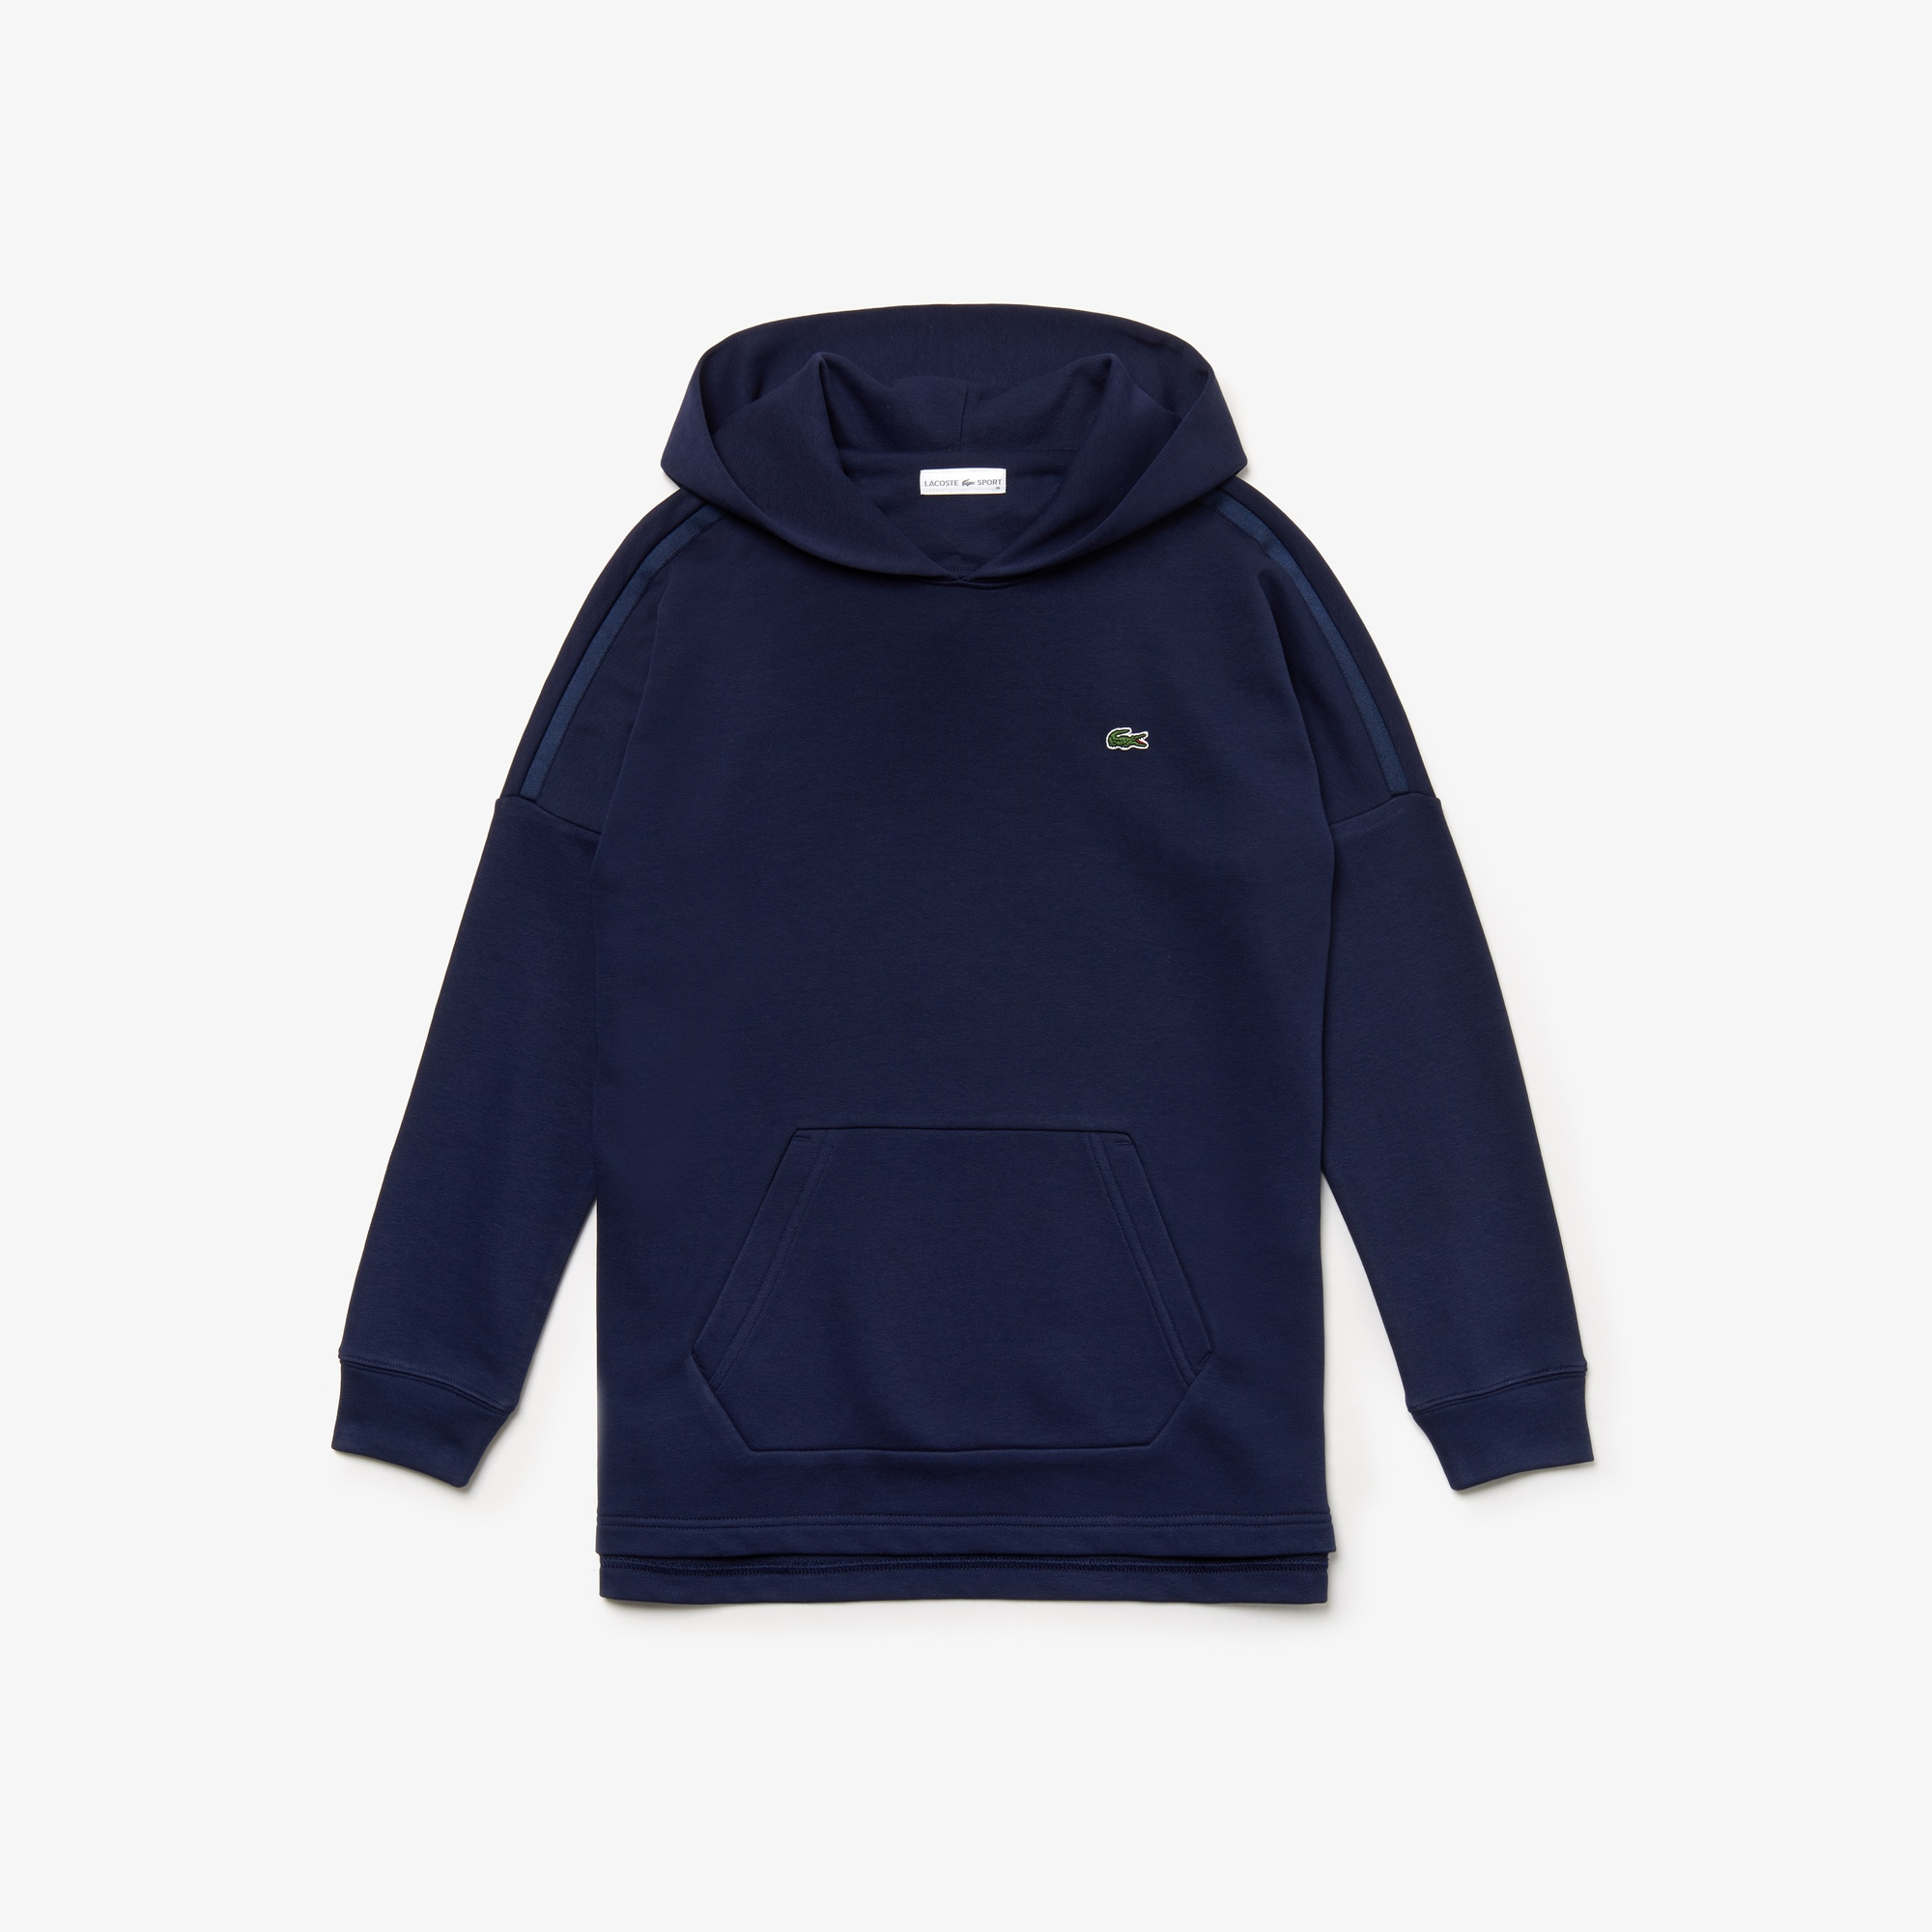 라코스테 후리스 후드 스웻셔츠 Lacoste Womens SPORT Hooded Fleece Tennis Sweatshirt,navy blue / navy blue